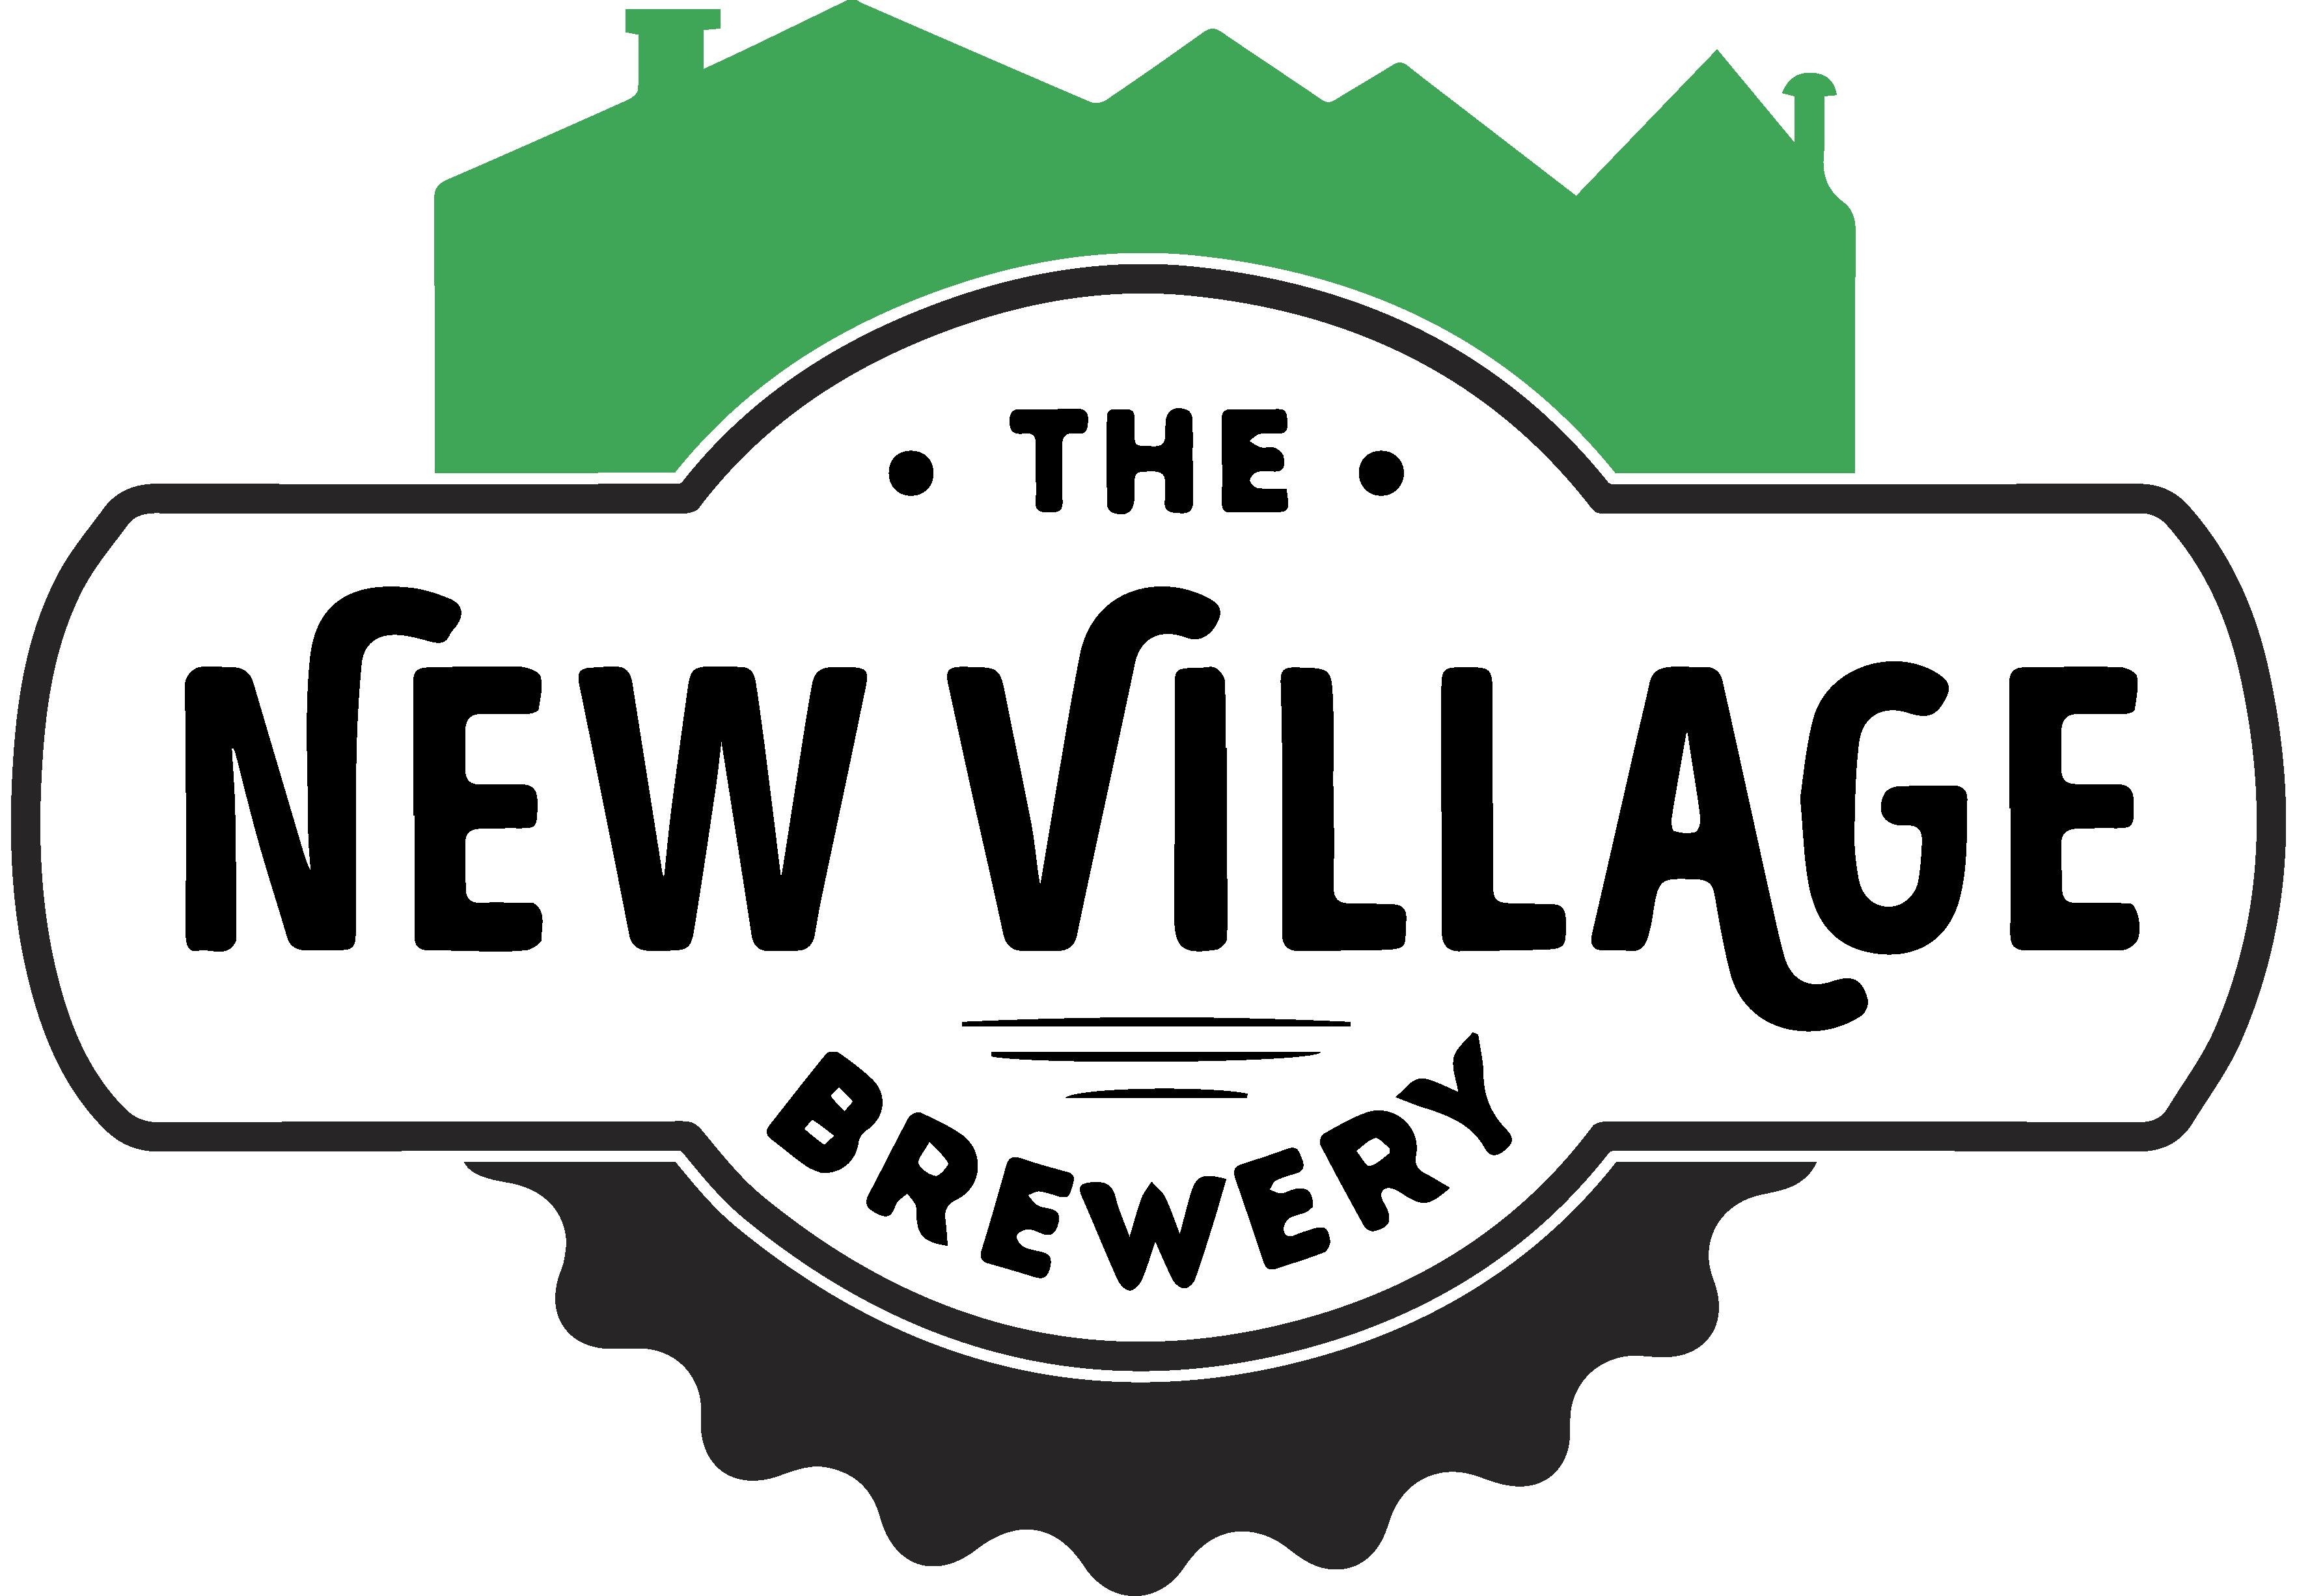 New Village Brewery, Oriental NC